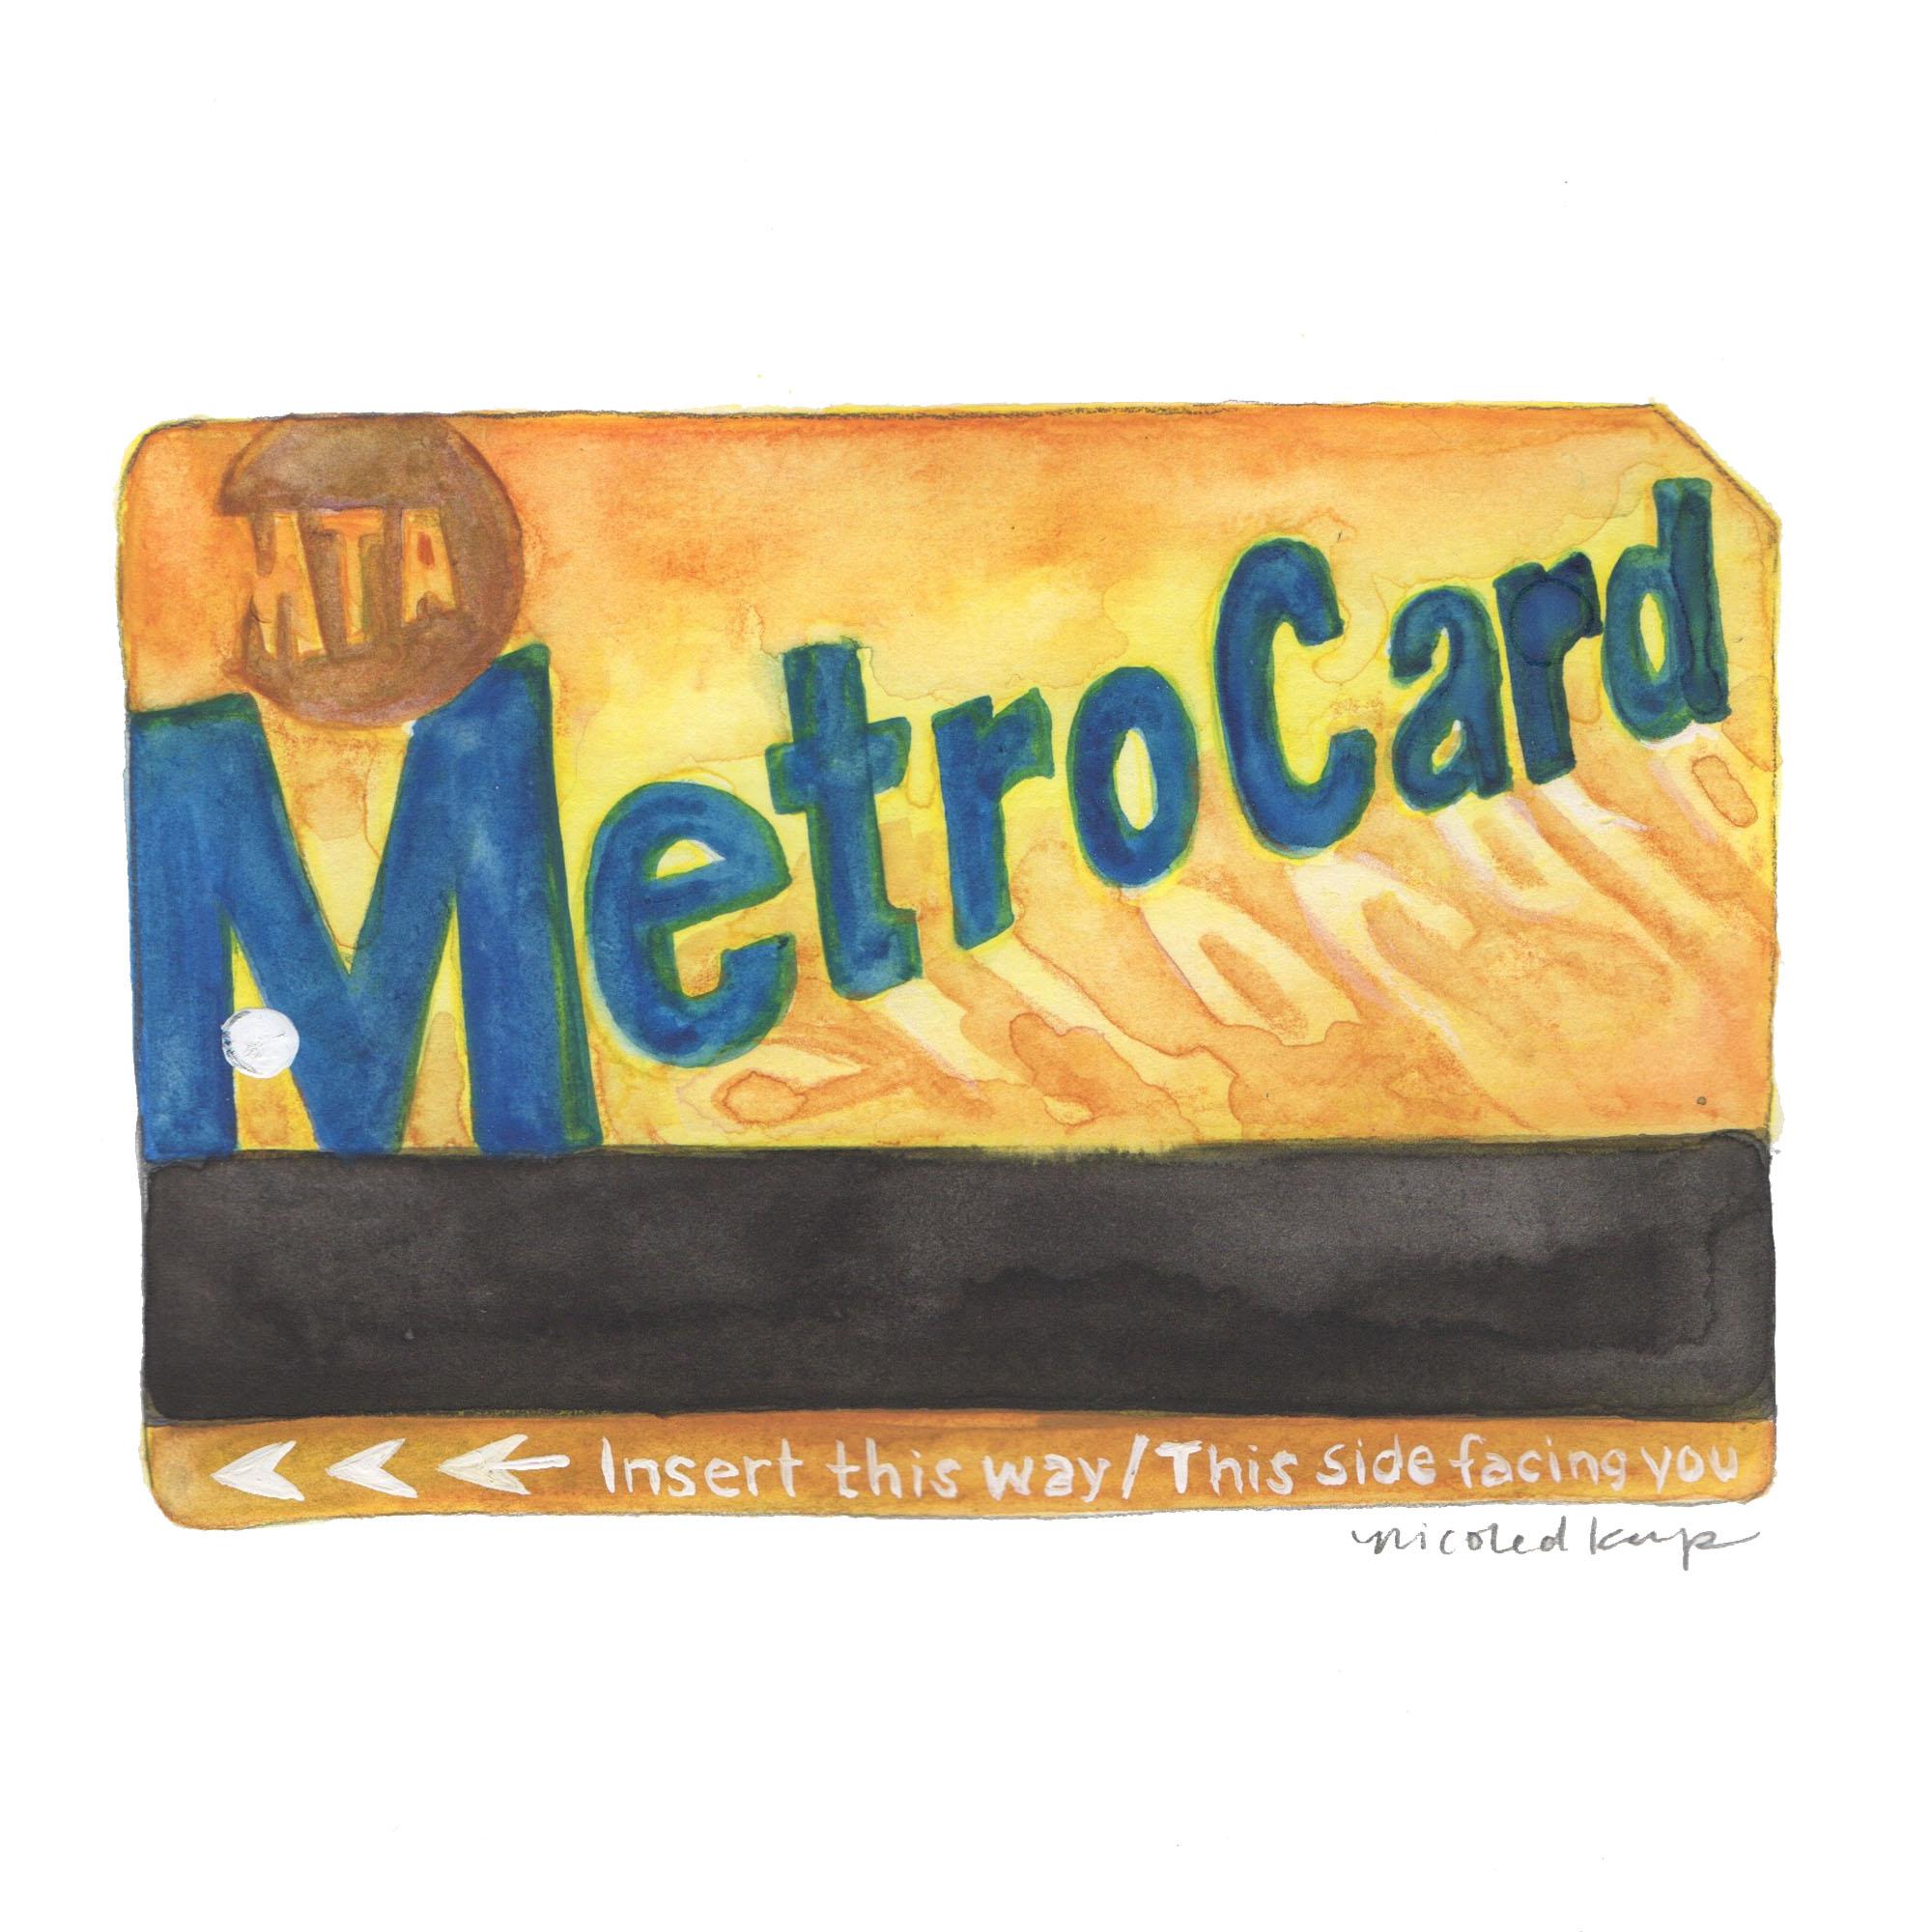 metrocardonwhite.jpg